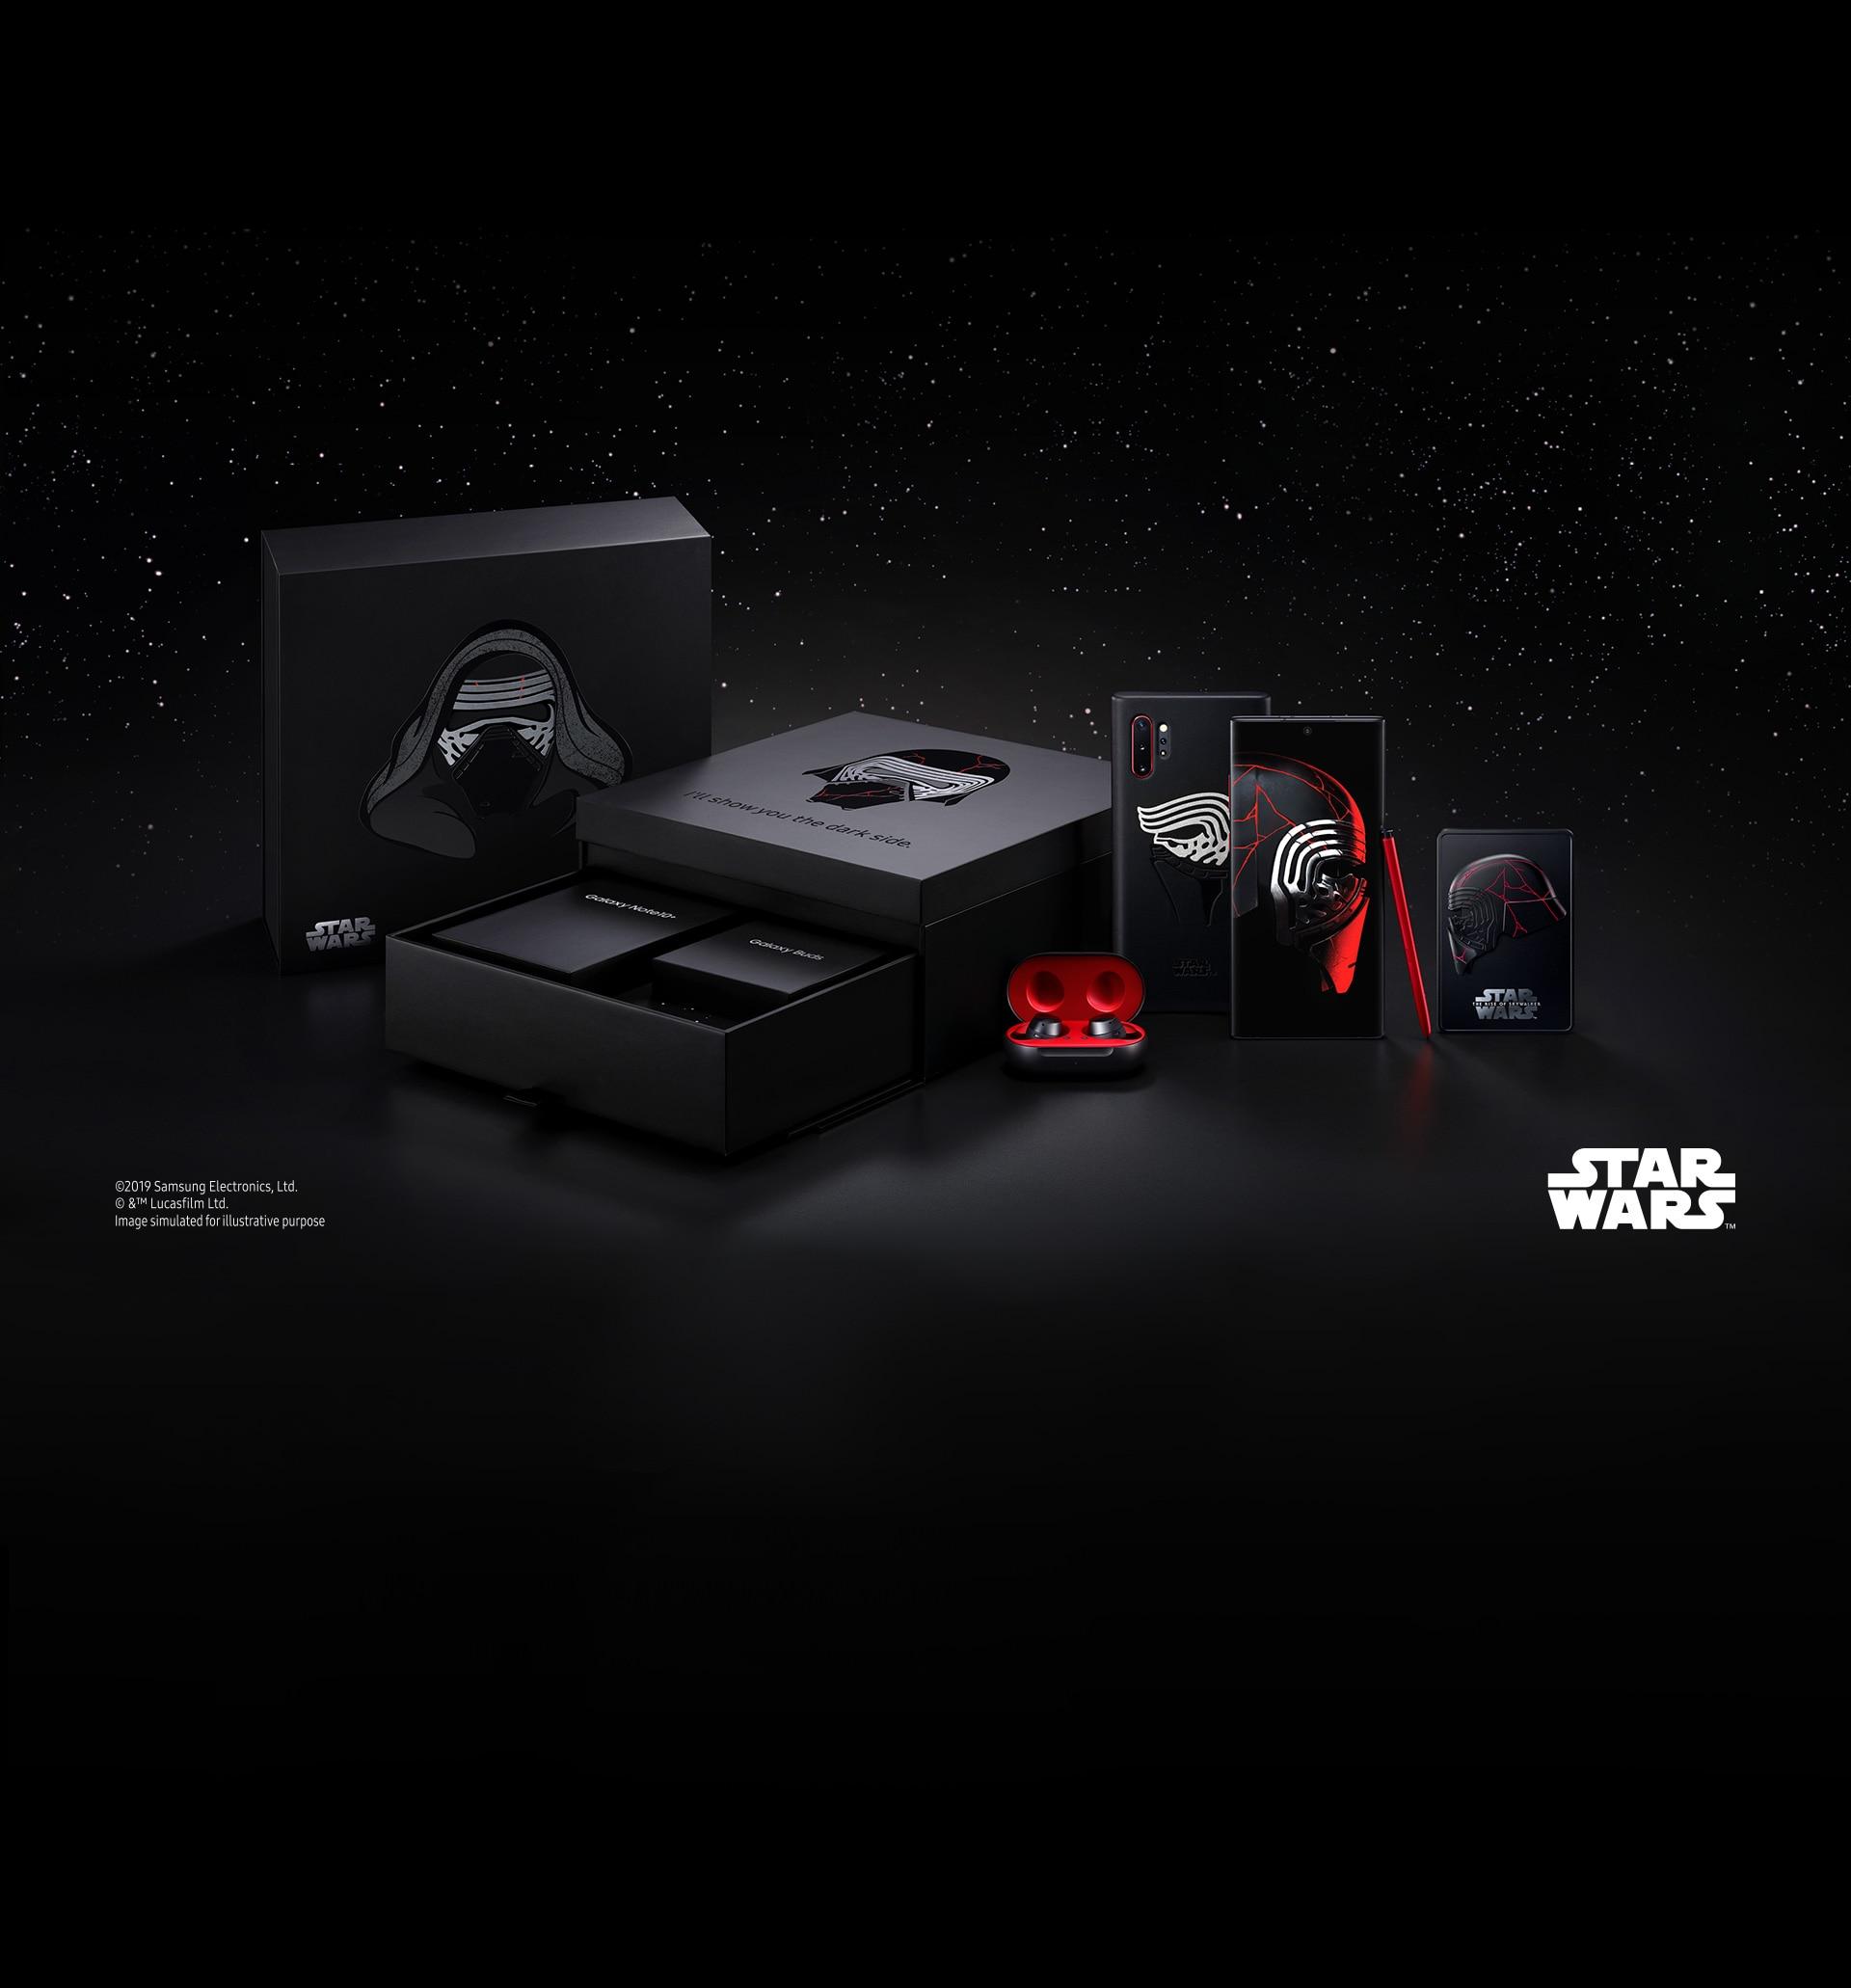 La Forza è ufficialmente con Galaxy Note 10+: il 10 dicembre arriva la Star Wars Edition (foto)